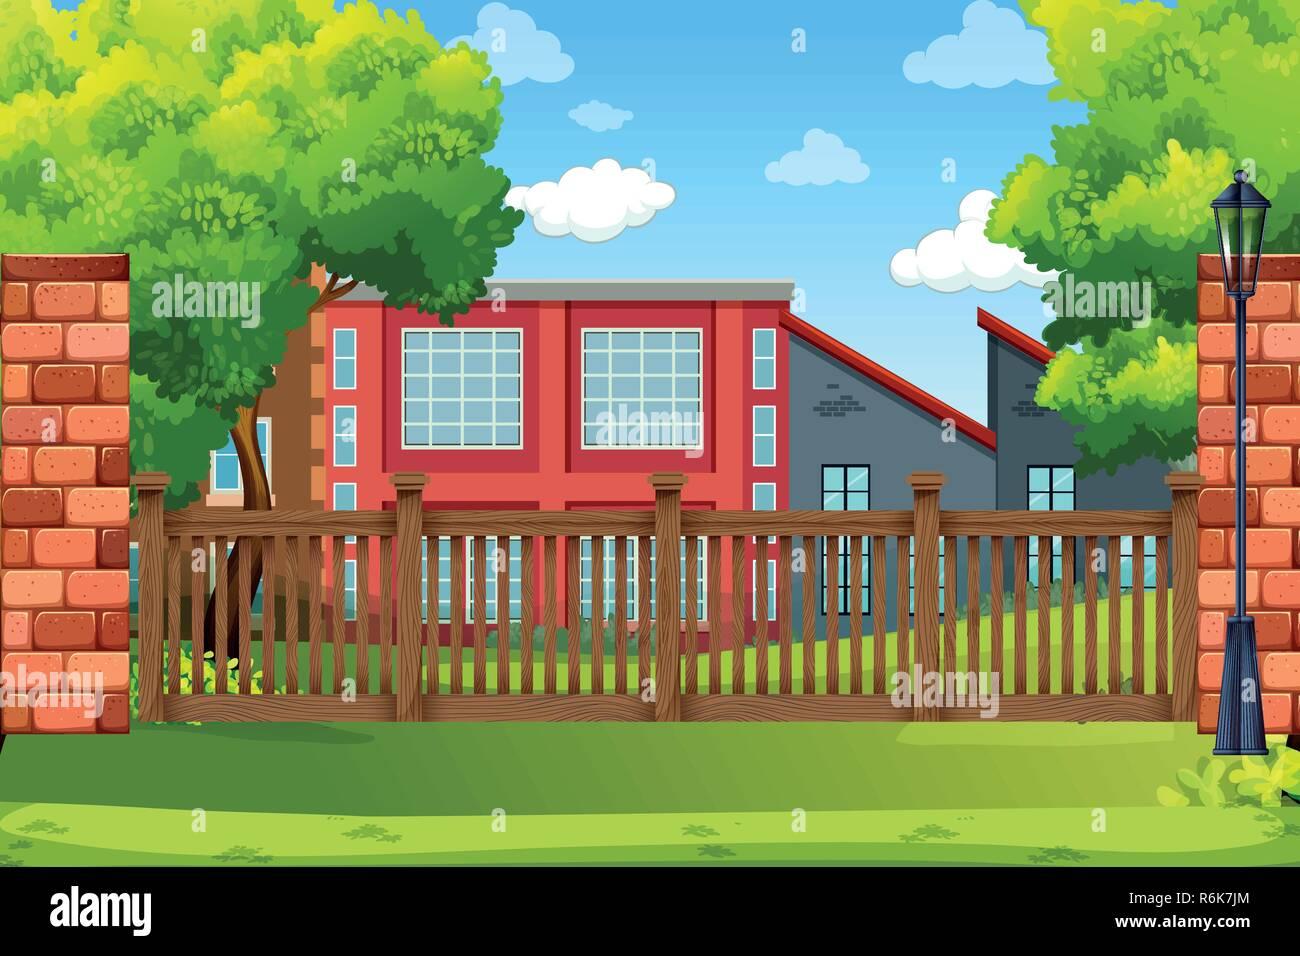 Building in park scene illustration - Stock Vector